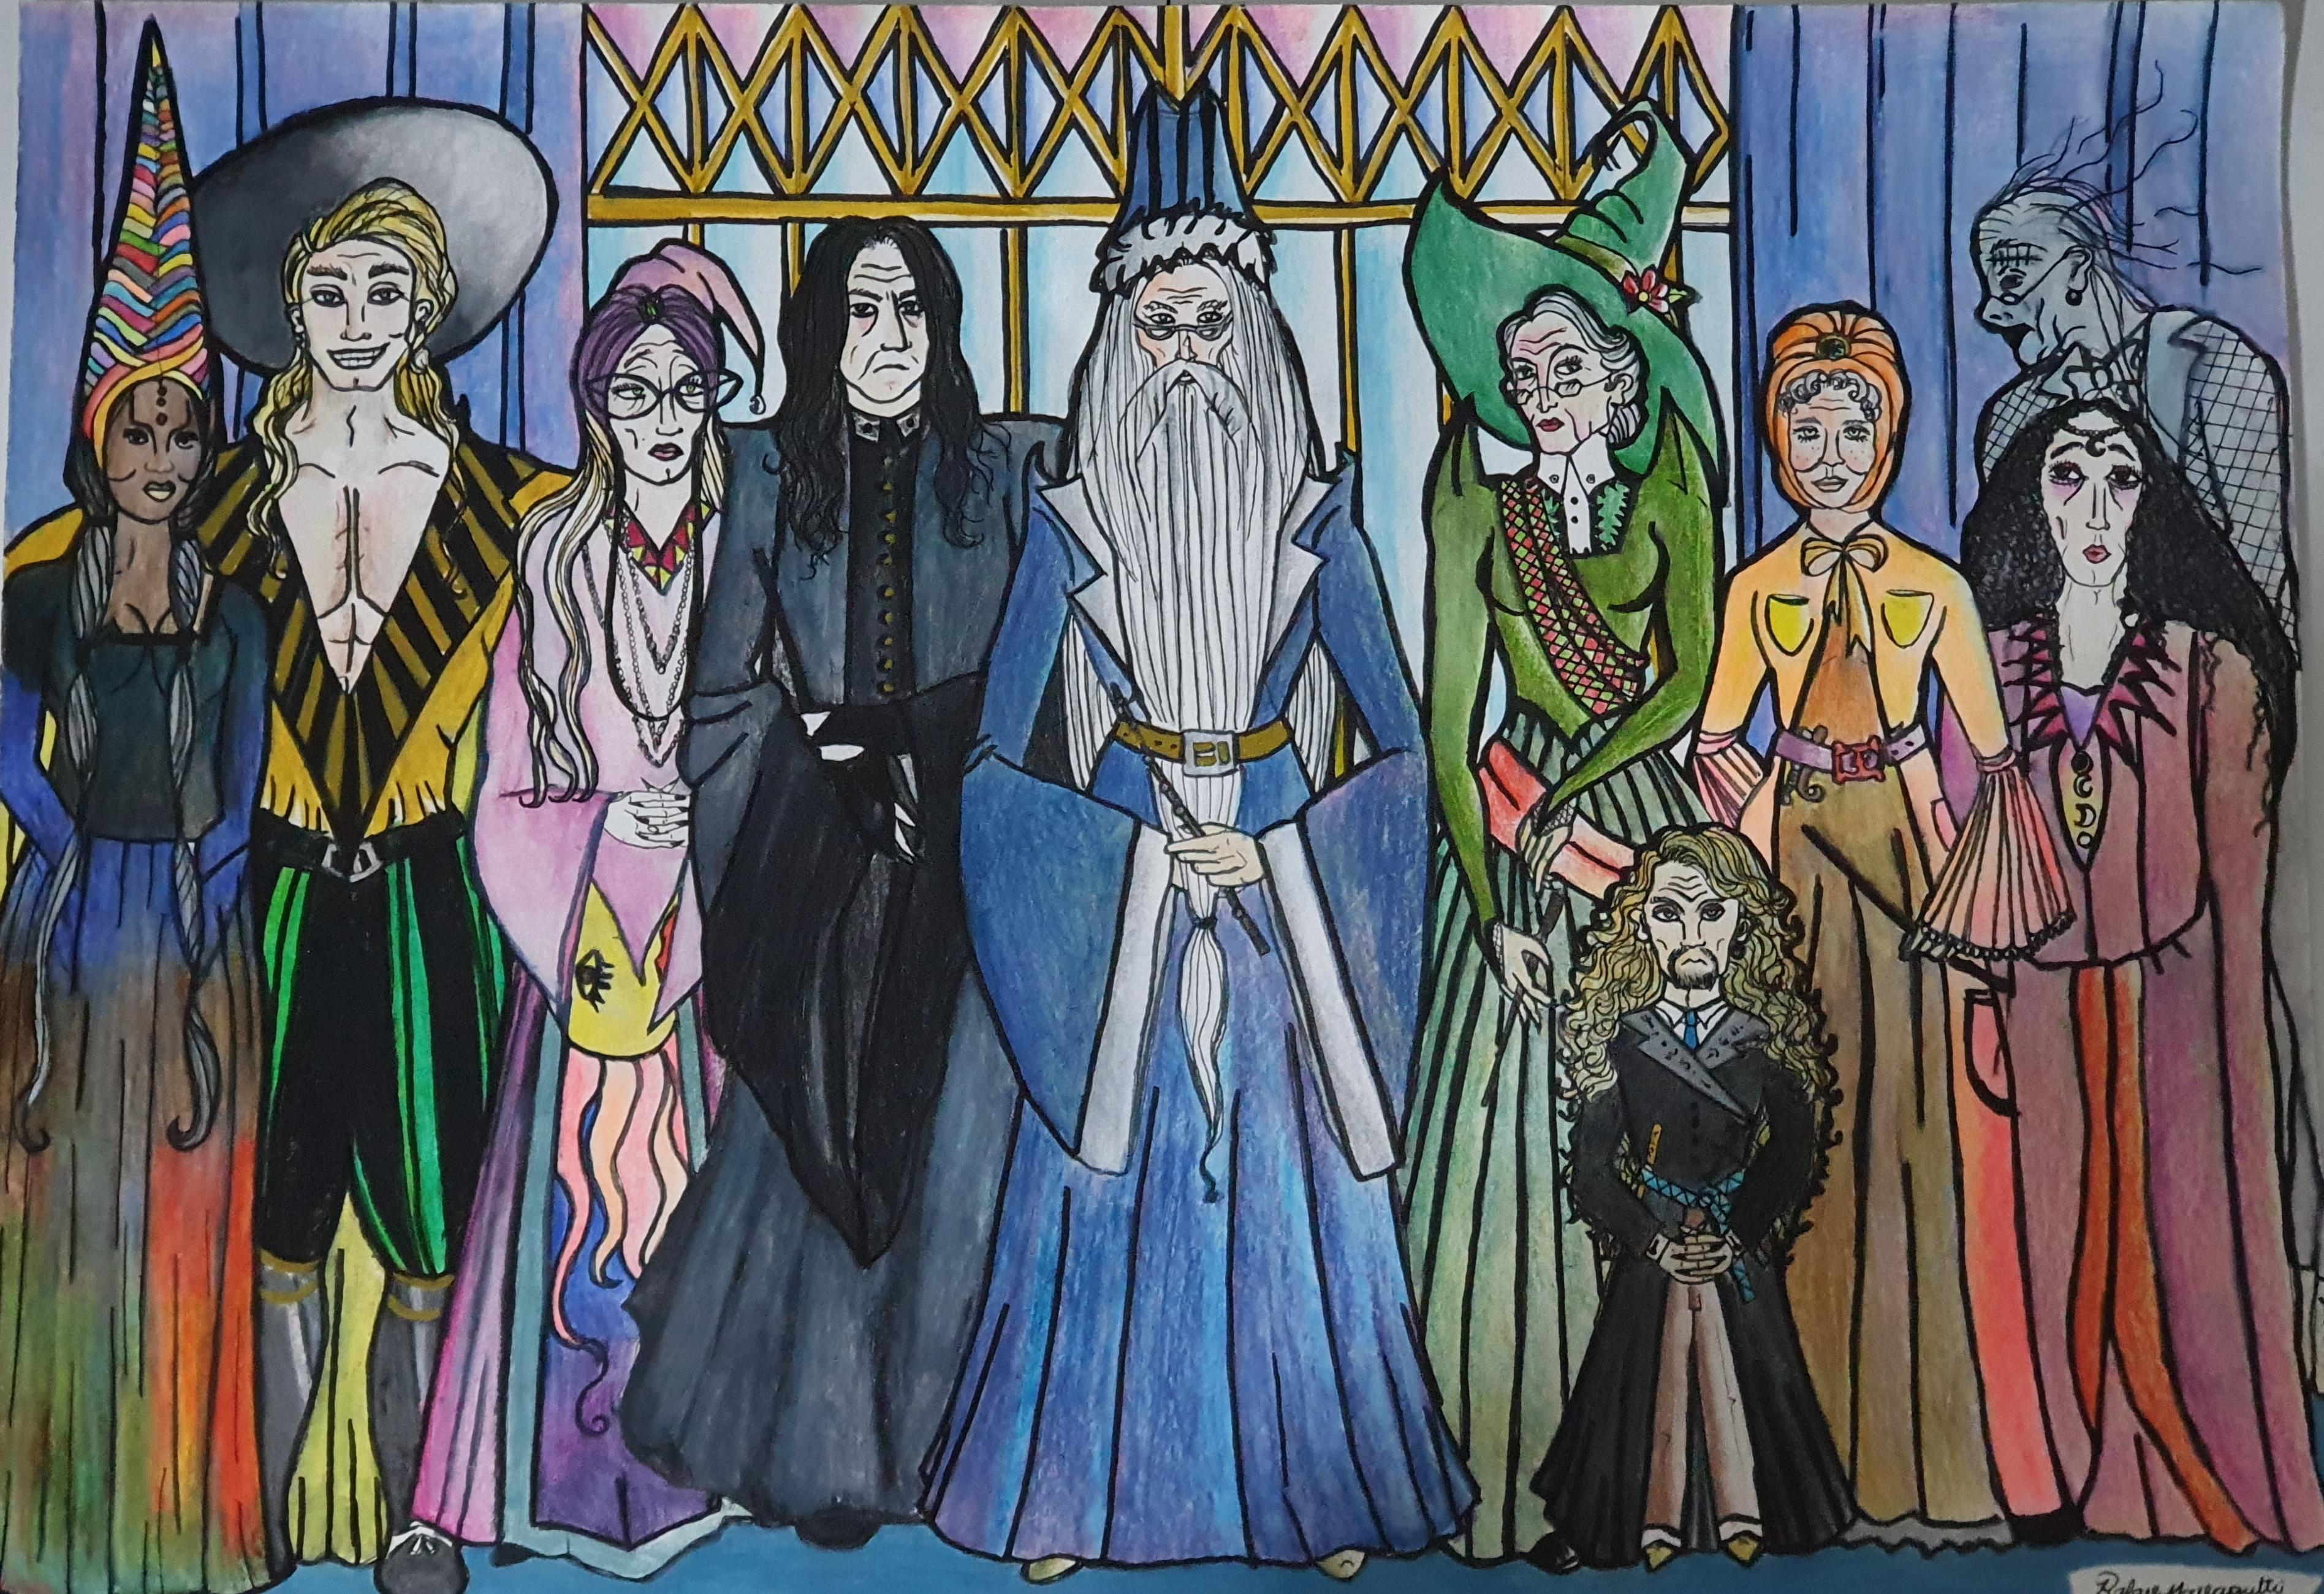 Professores de Hogwarts - fanart inspirada no mundo mágico de Harry Potter